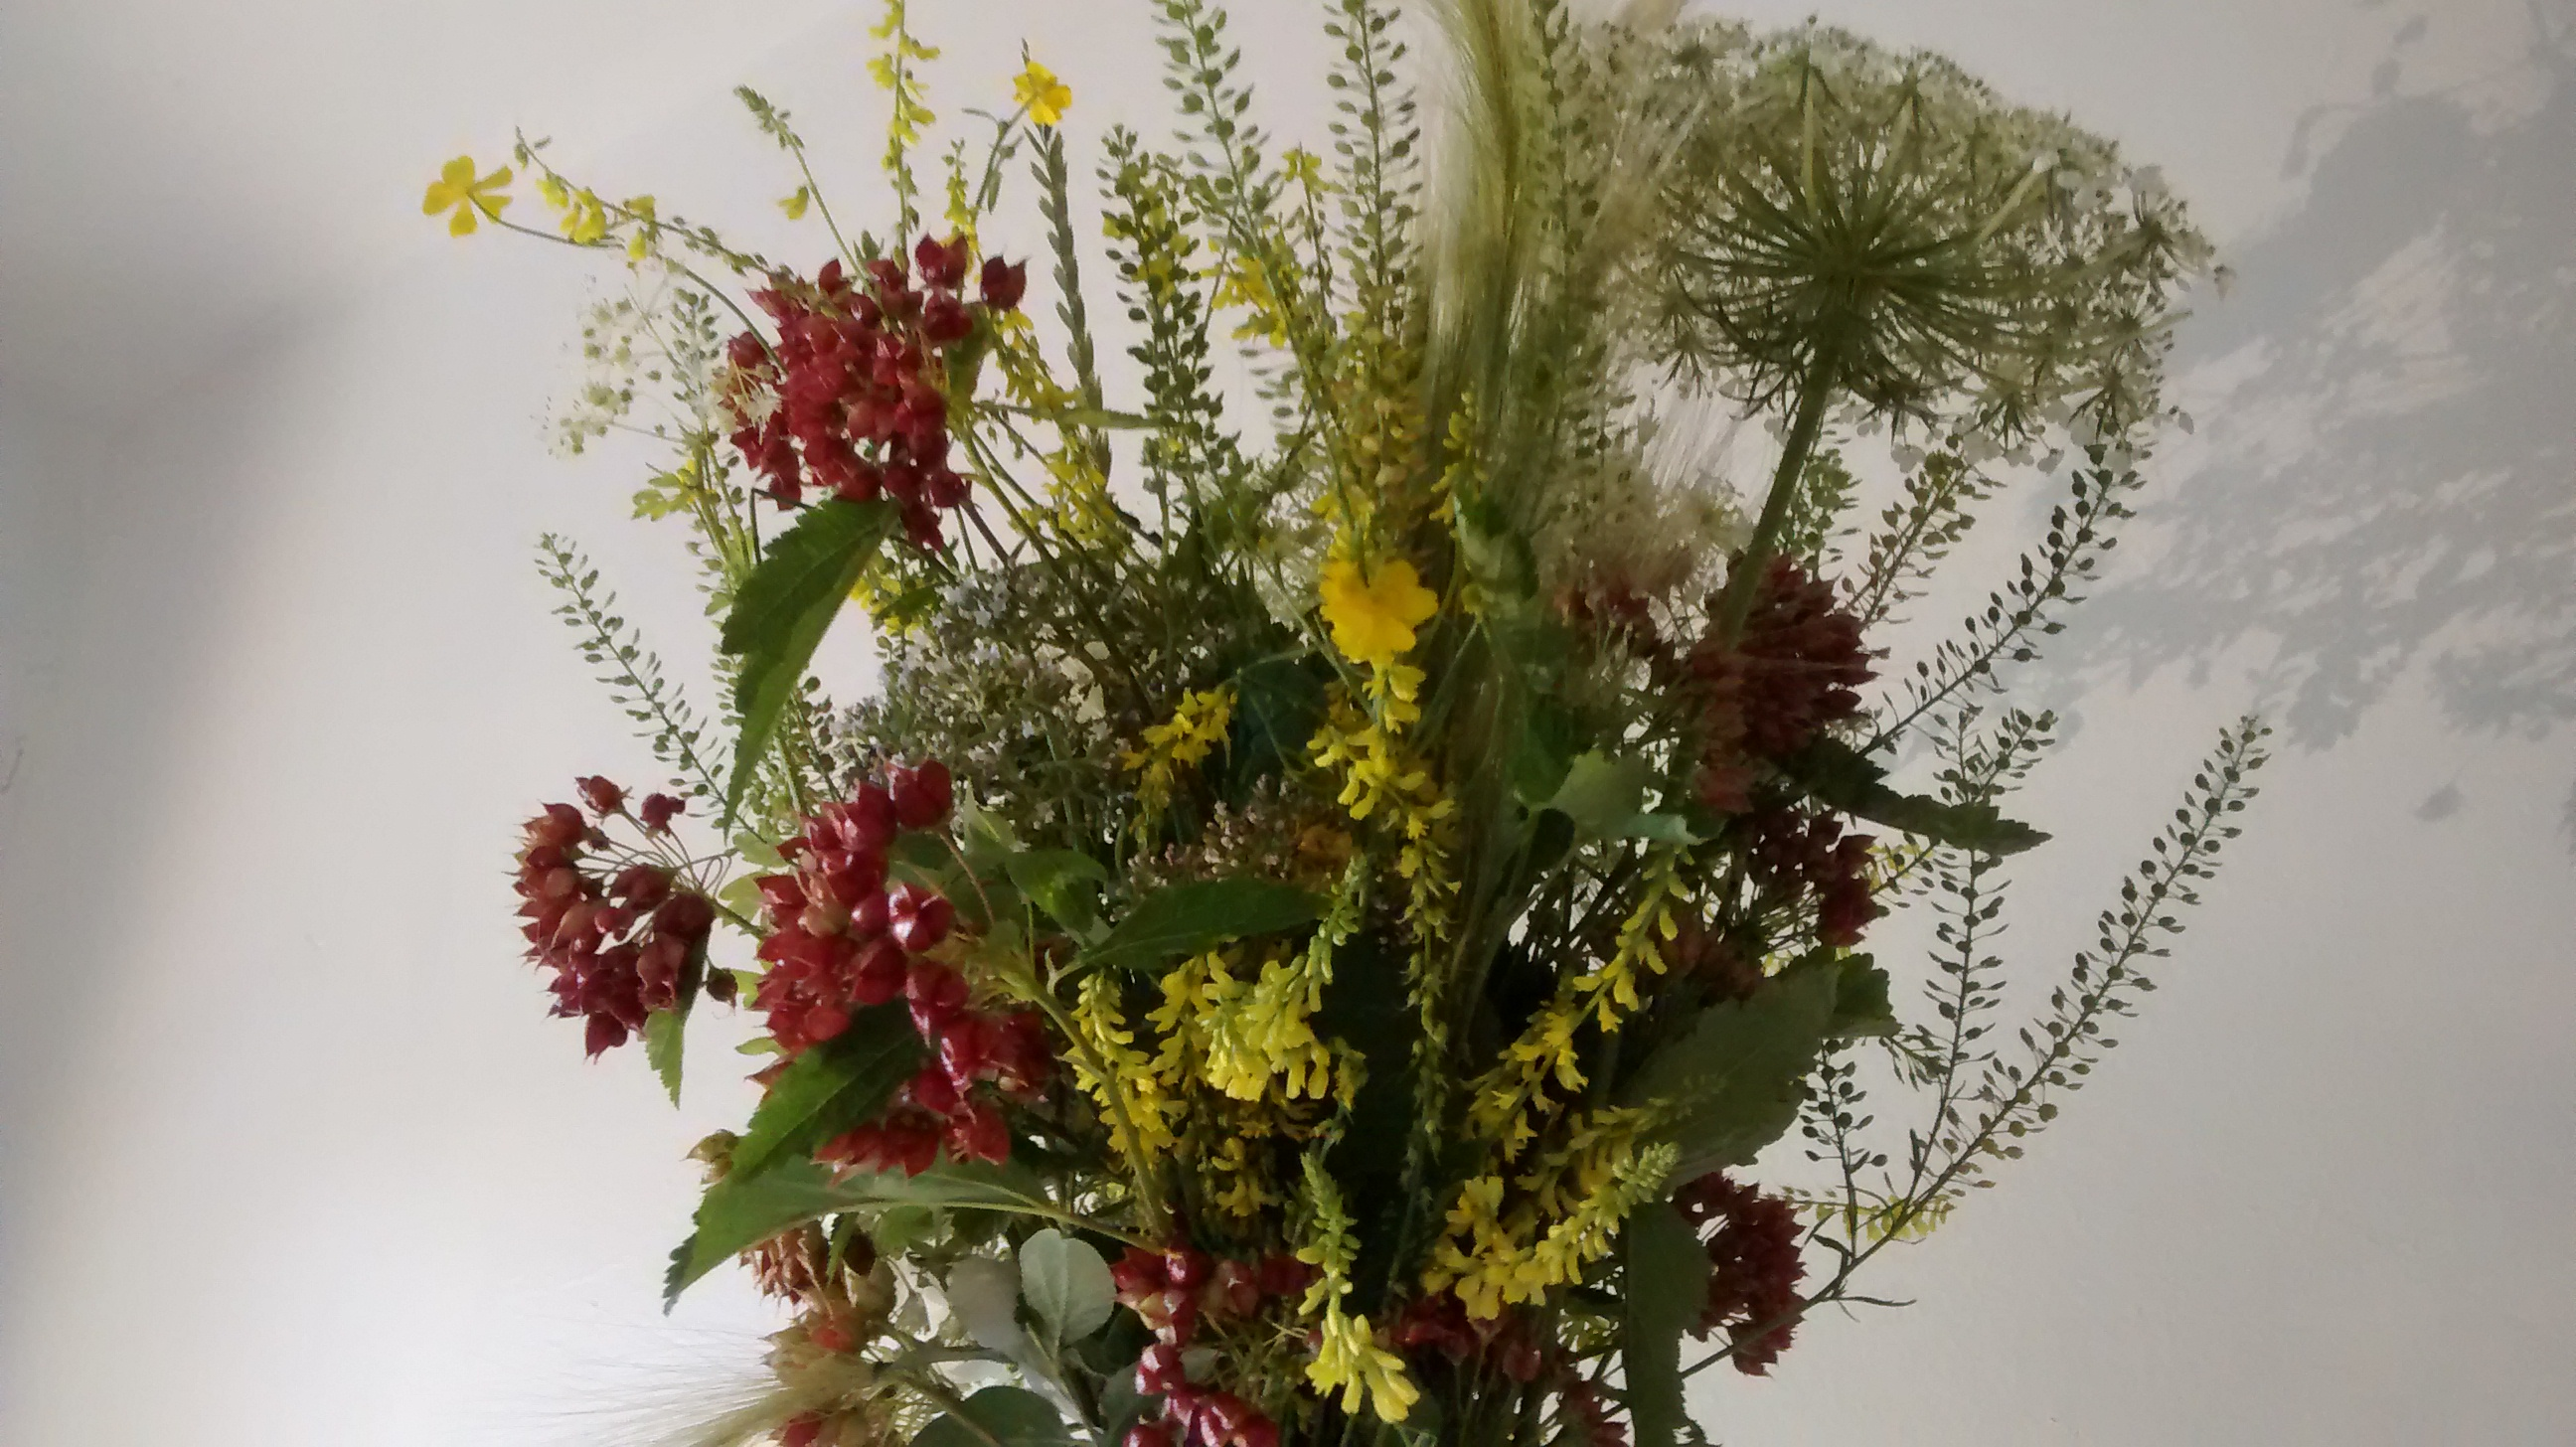 Bouquets De Fleurs Sauvages Au Centre De La Ville Pieuvre Ca